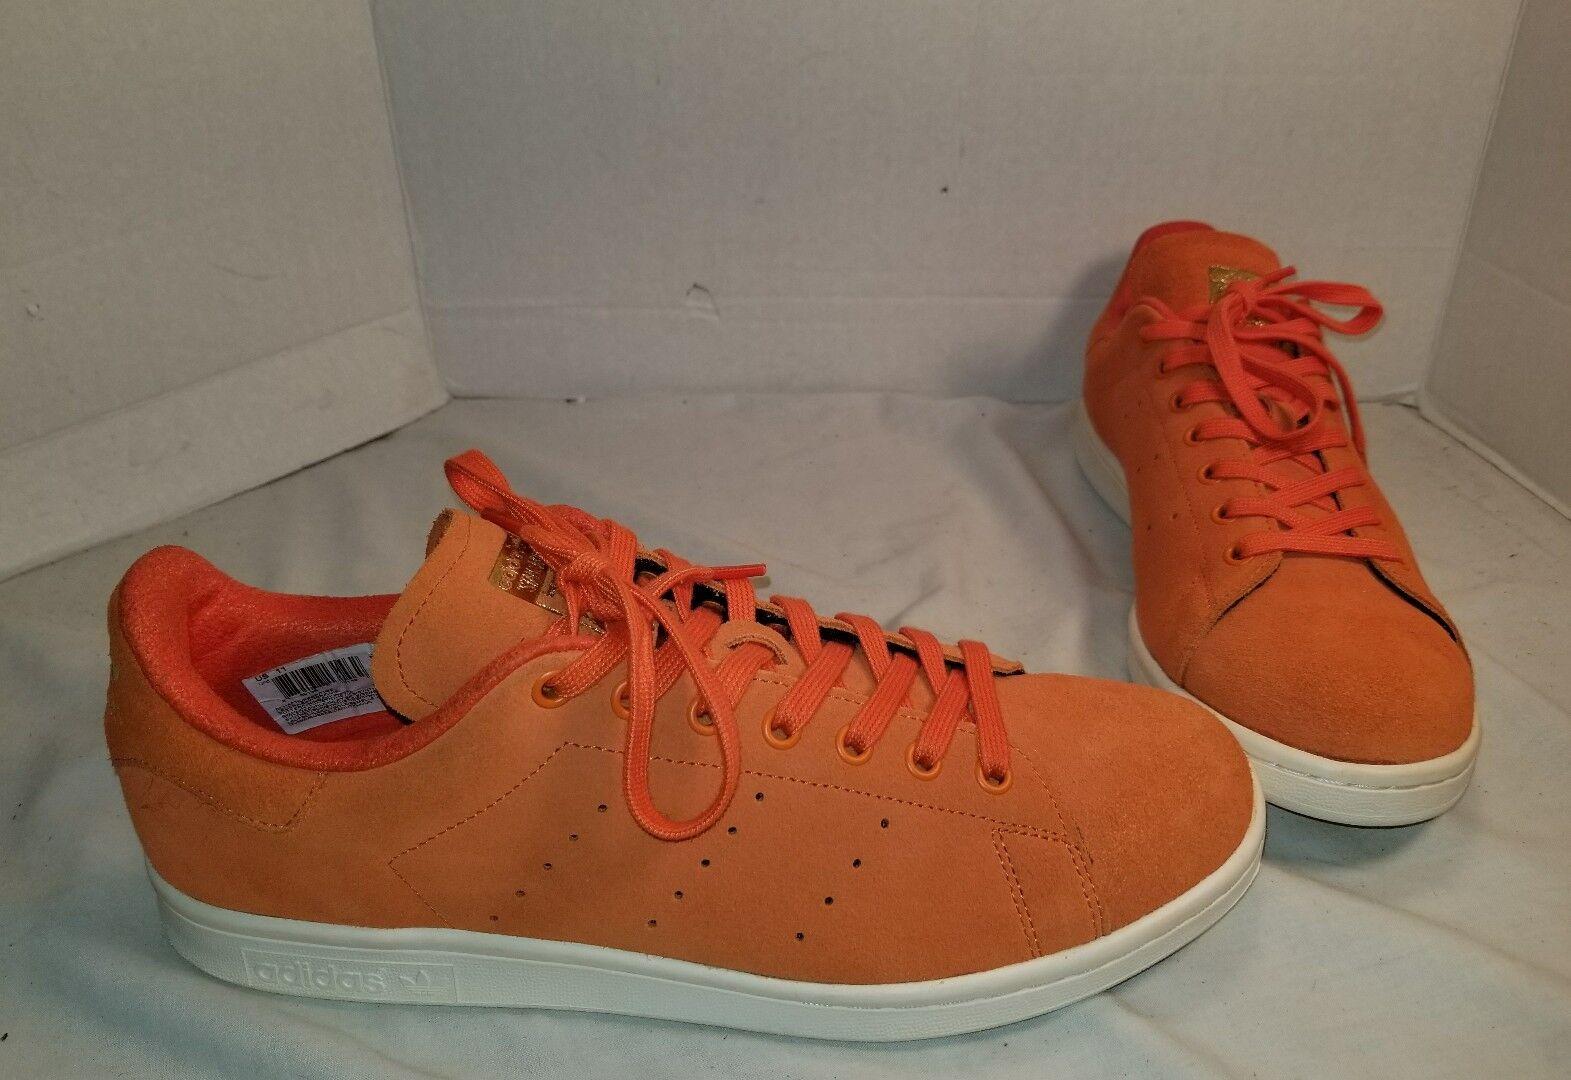 Nuovi uomini scarpe  adidas stan smith energia arancione scamosciato scarpe uomini taglia noi 11 fd4148